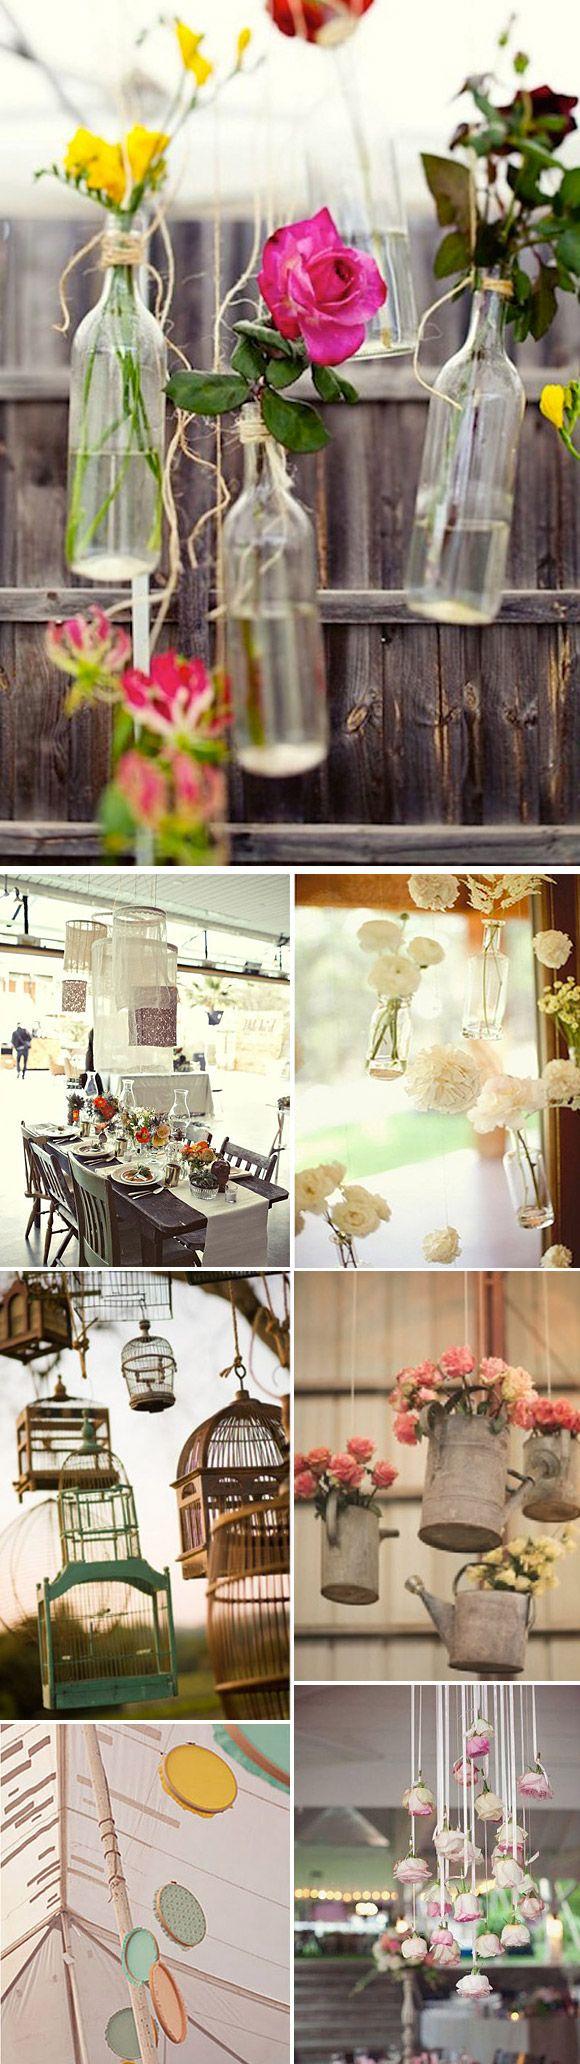 Decoraciones colgantes para bodas y fiestas: Mil ideas para decorar la carpa de la boda o el exterior con banderines, guirnaldas de luces, pompones, etc.